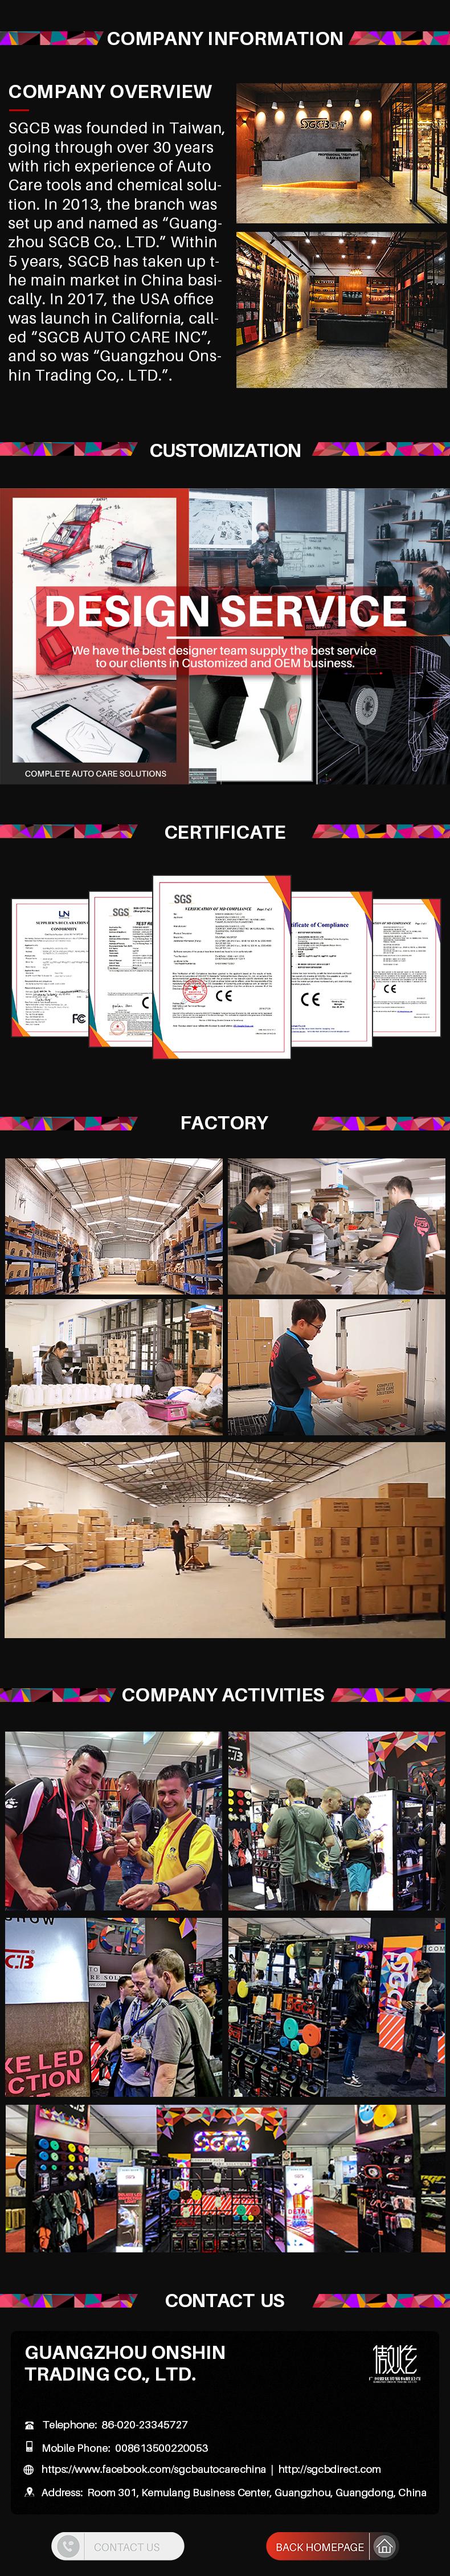 alibaba company info